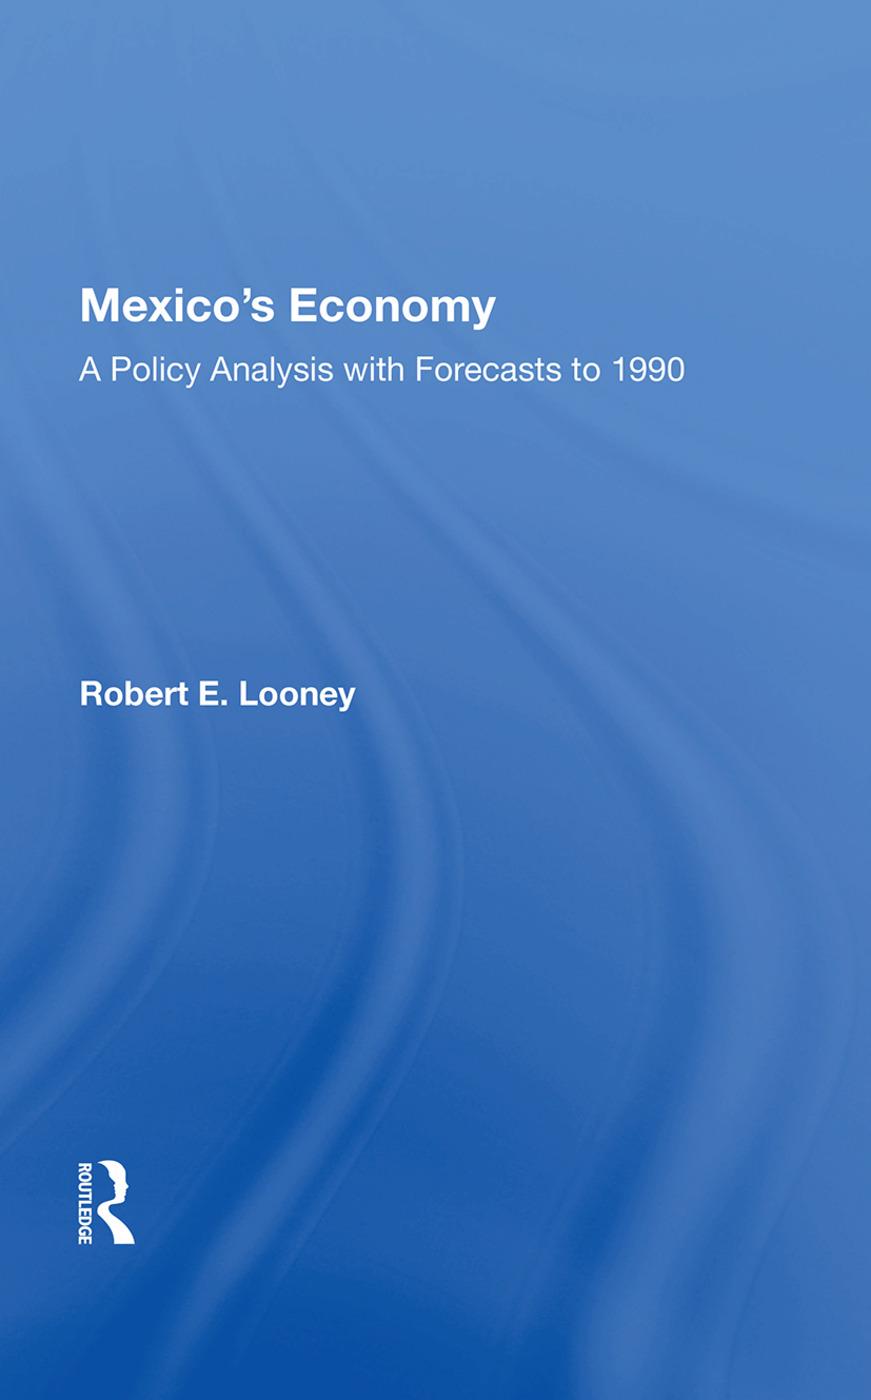 Mexico's Economy